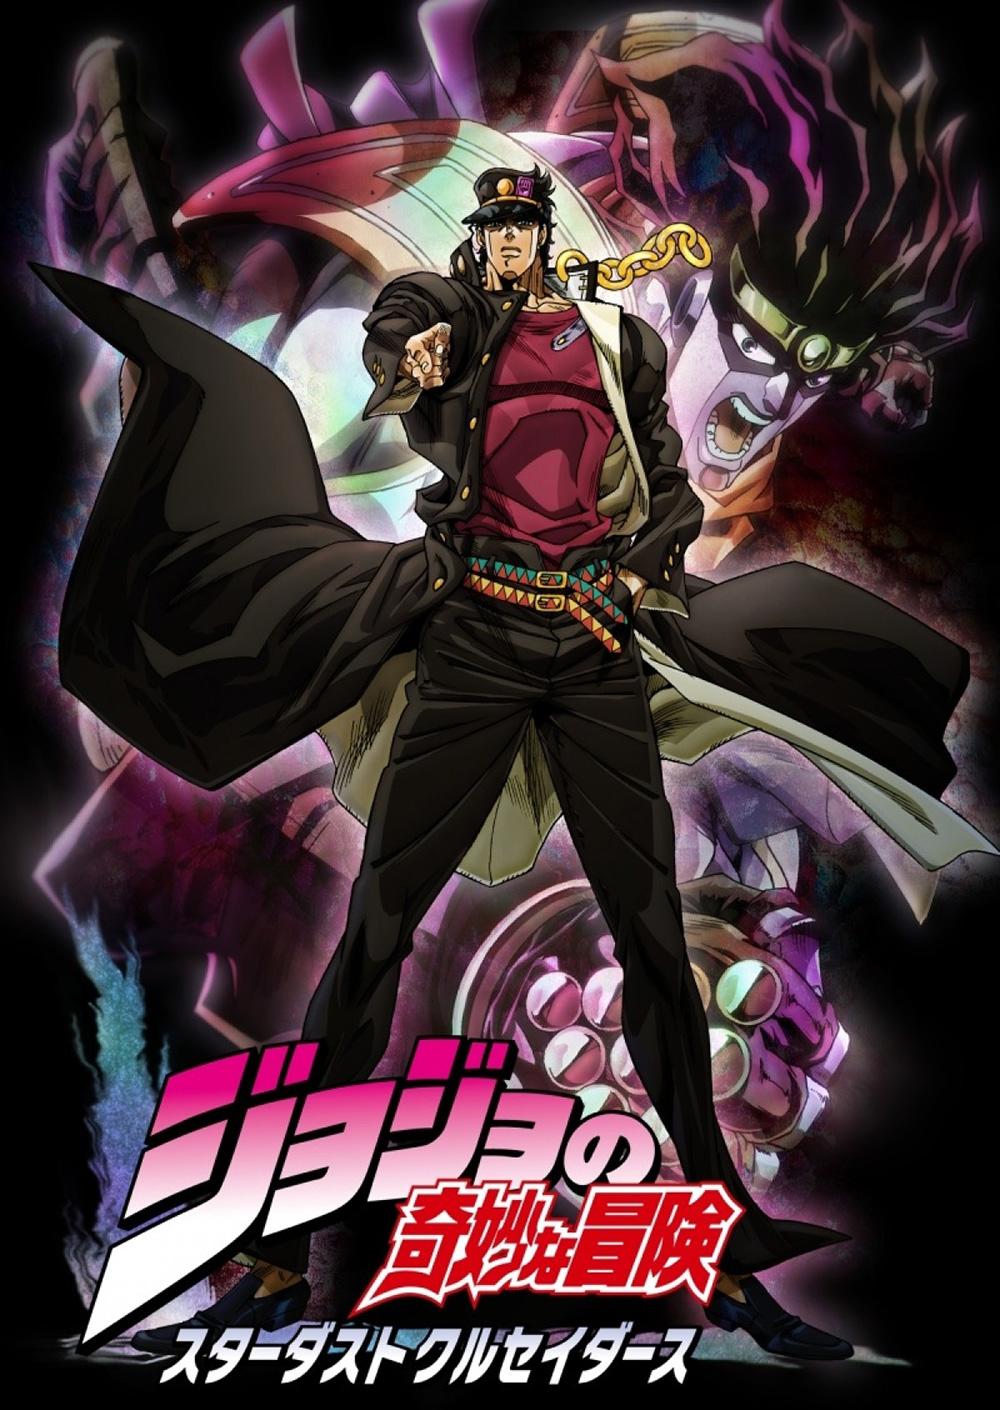 JoJos-Bizarre-Adventure-Stardust-Crusade-Anime-Visual